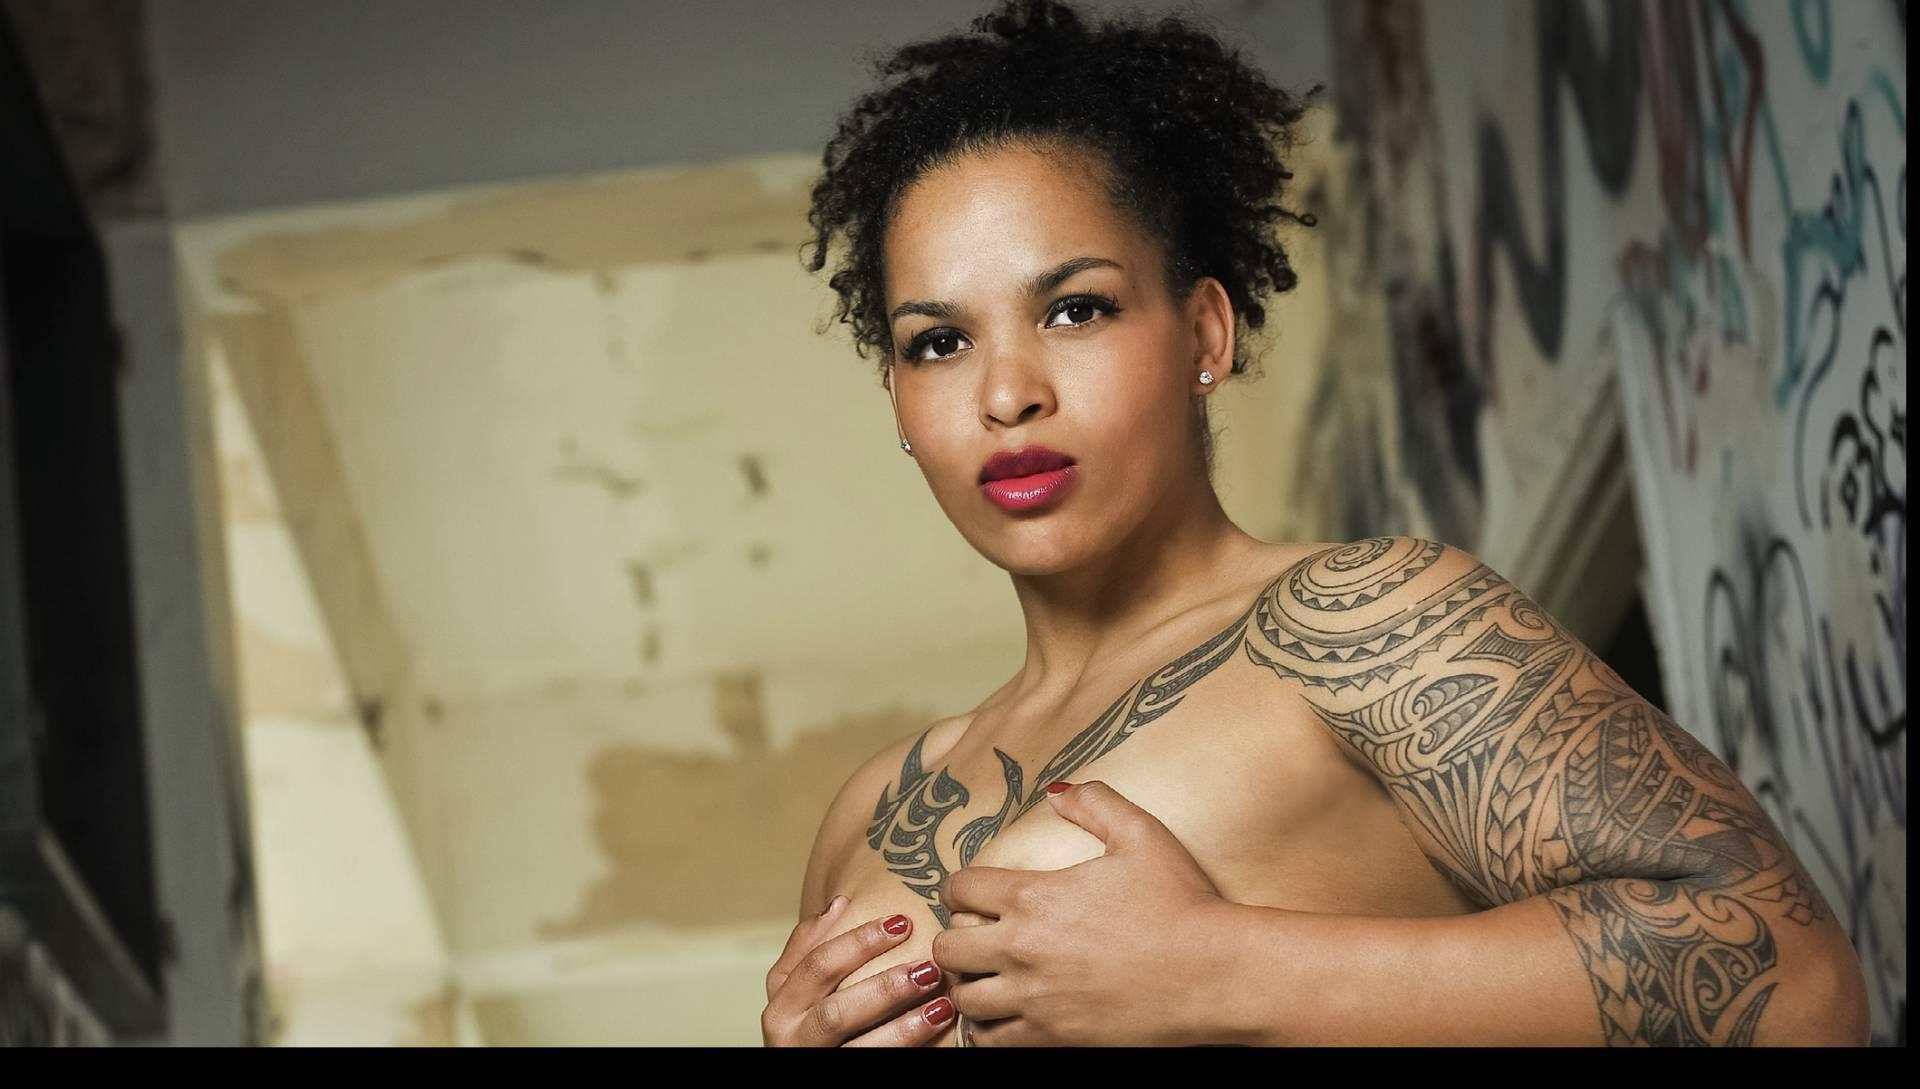 NAJBOLJI HRVATSKI I STRANI MAJSTORI TETOVIRANJA USKORO U ZAGREBU Tattoo revolucija između šunda i umjetnosti